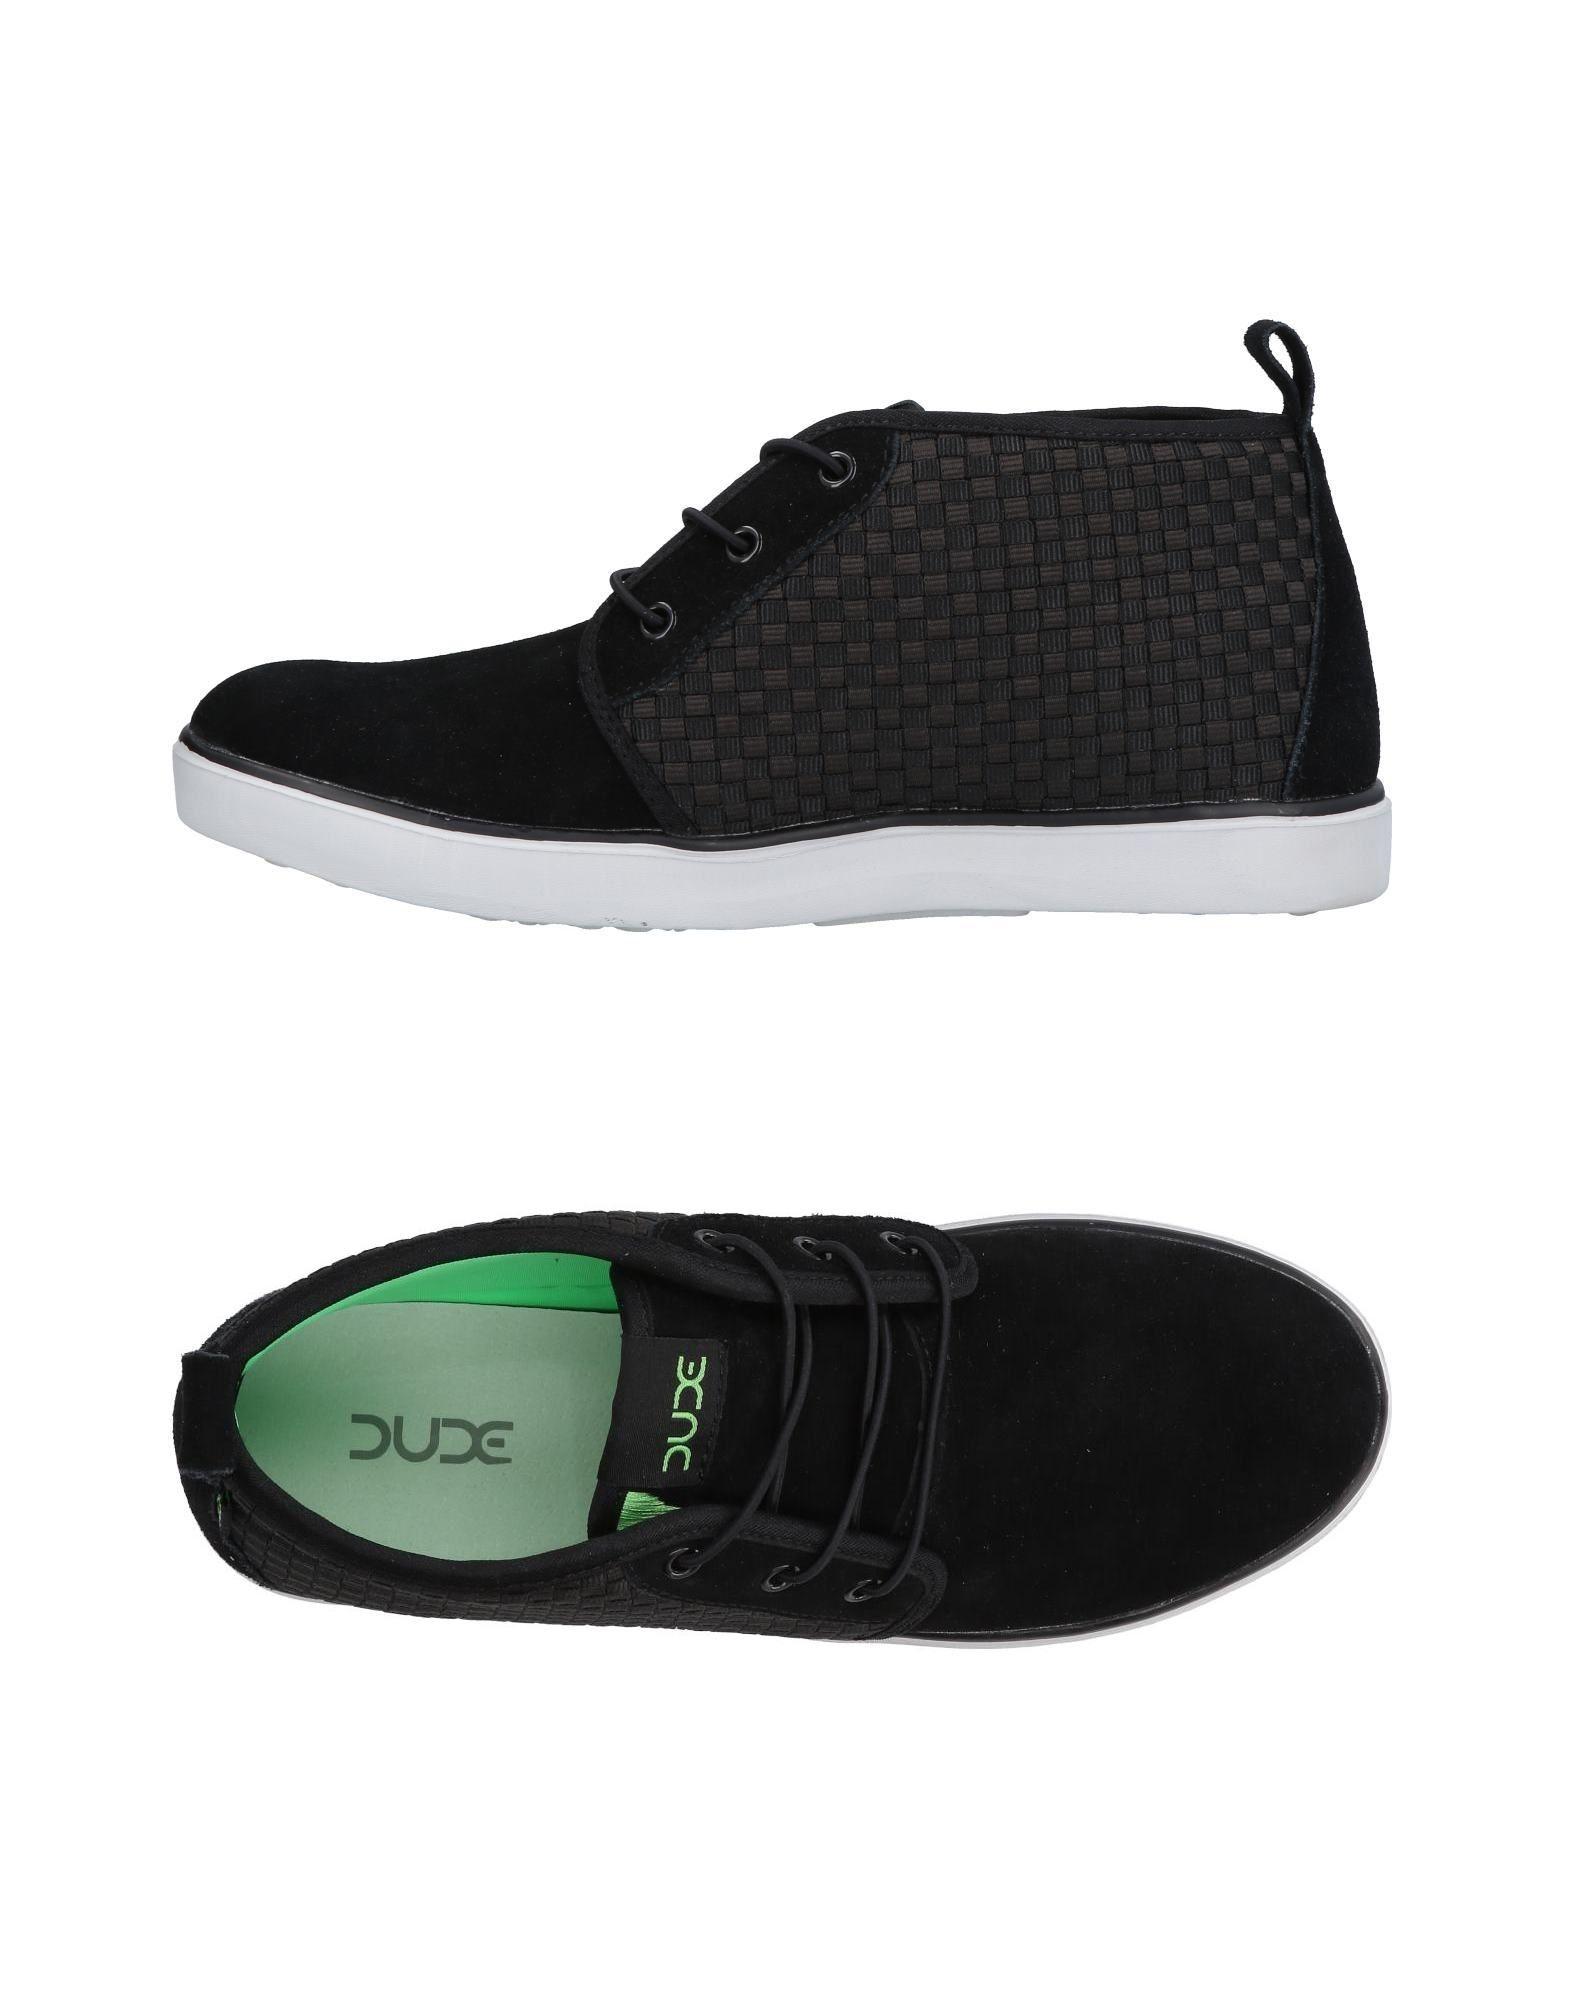 《送料無料》HEY DUDE メンズ スニーカー&テニスシューズ(ハイカット) ブラック 40 革 / 紡績繊維